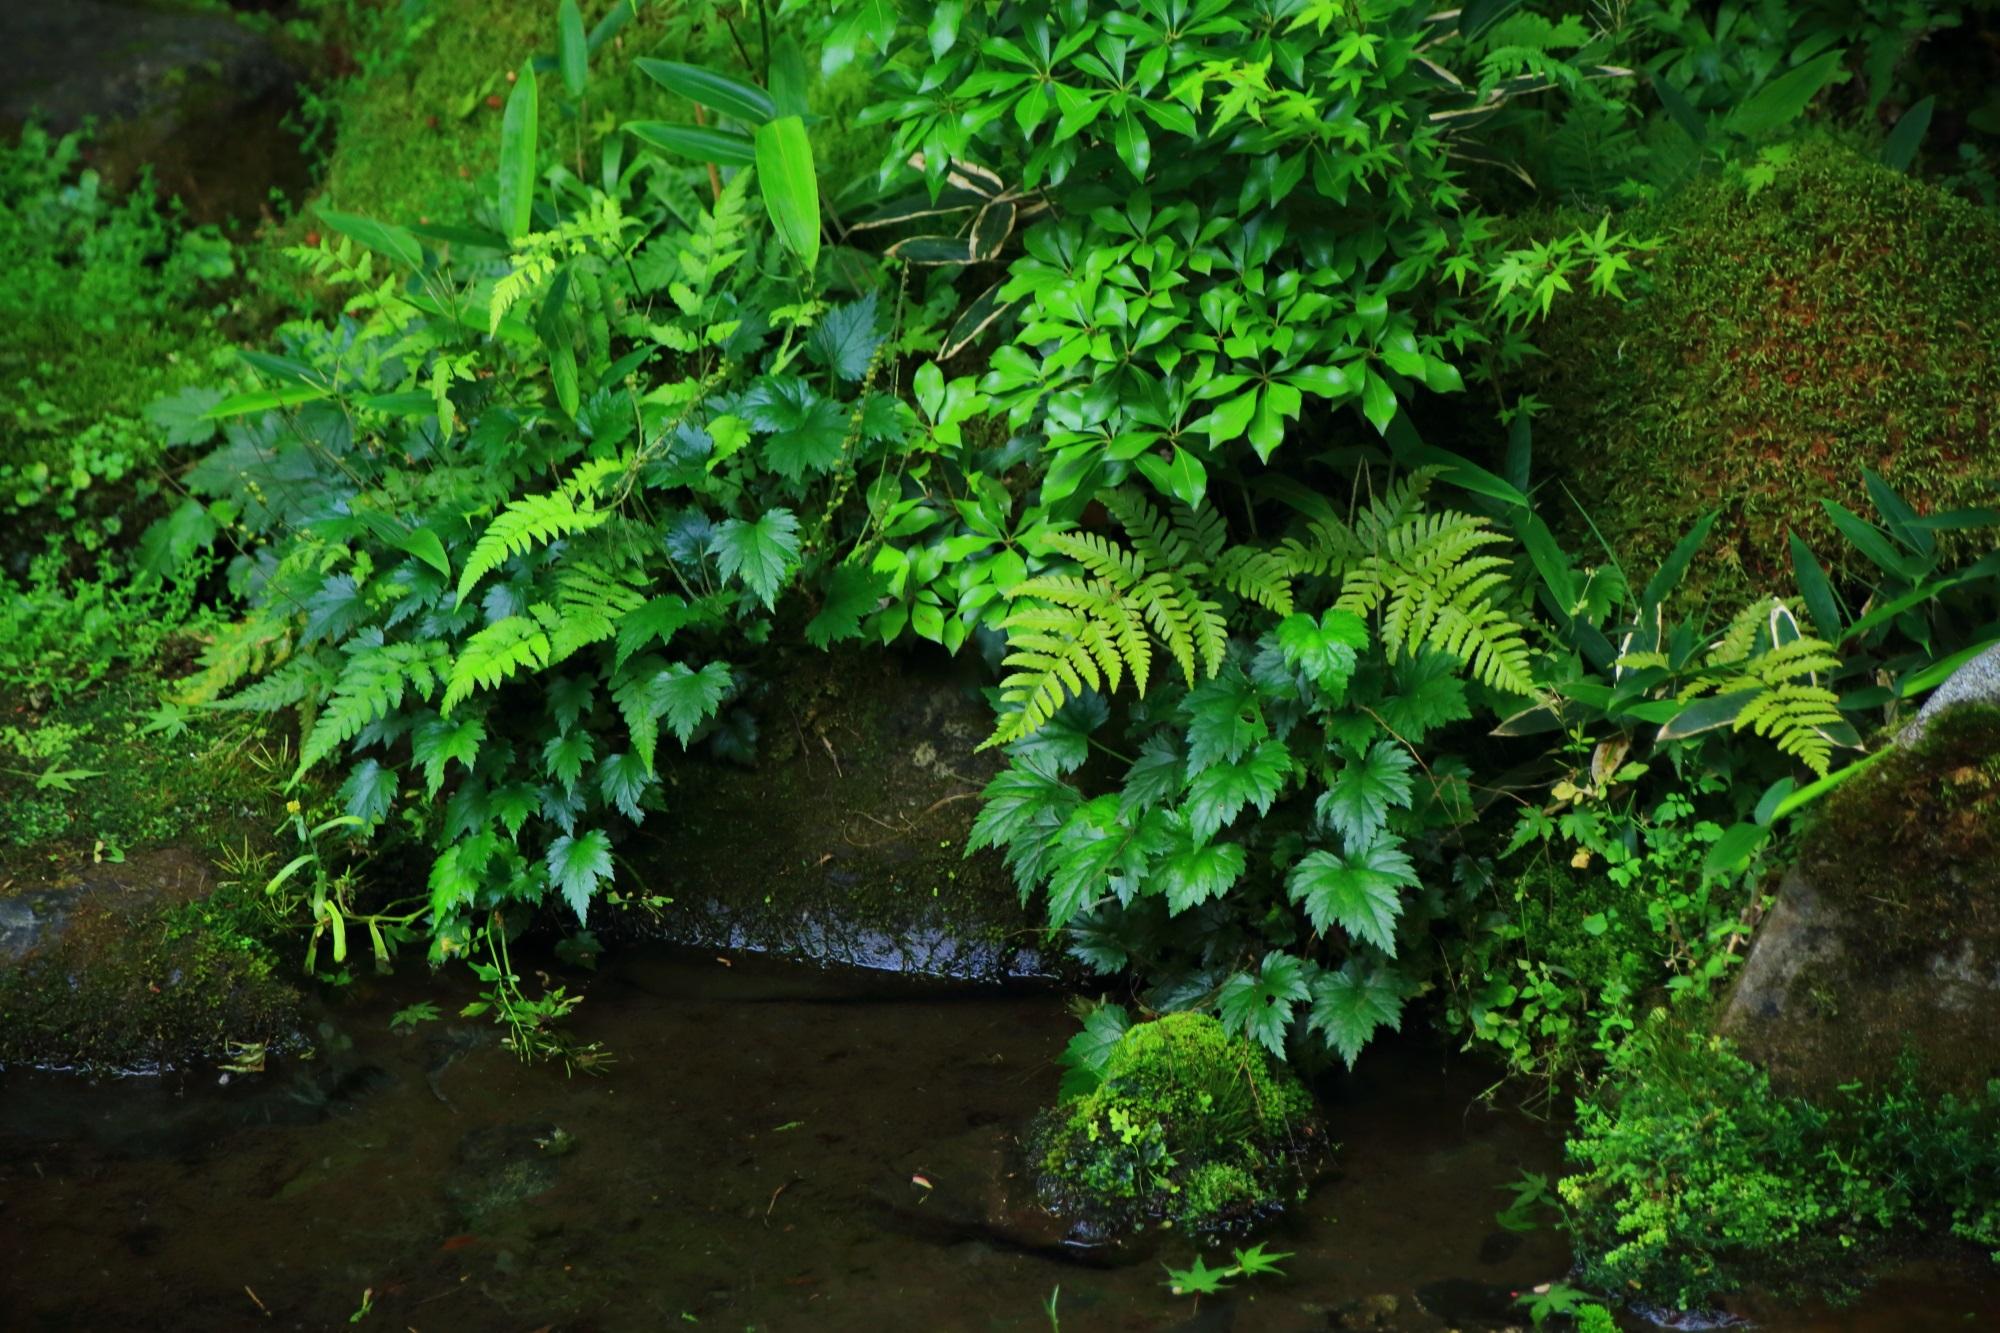 瑠璃光院 臥龍の庭 緑 苔 見事